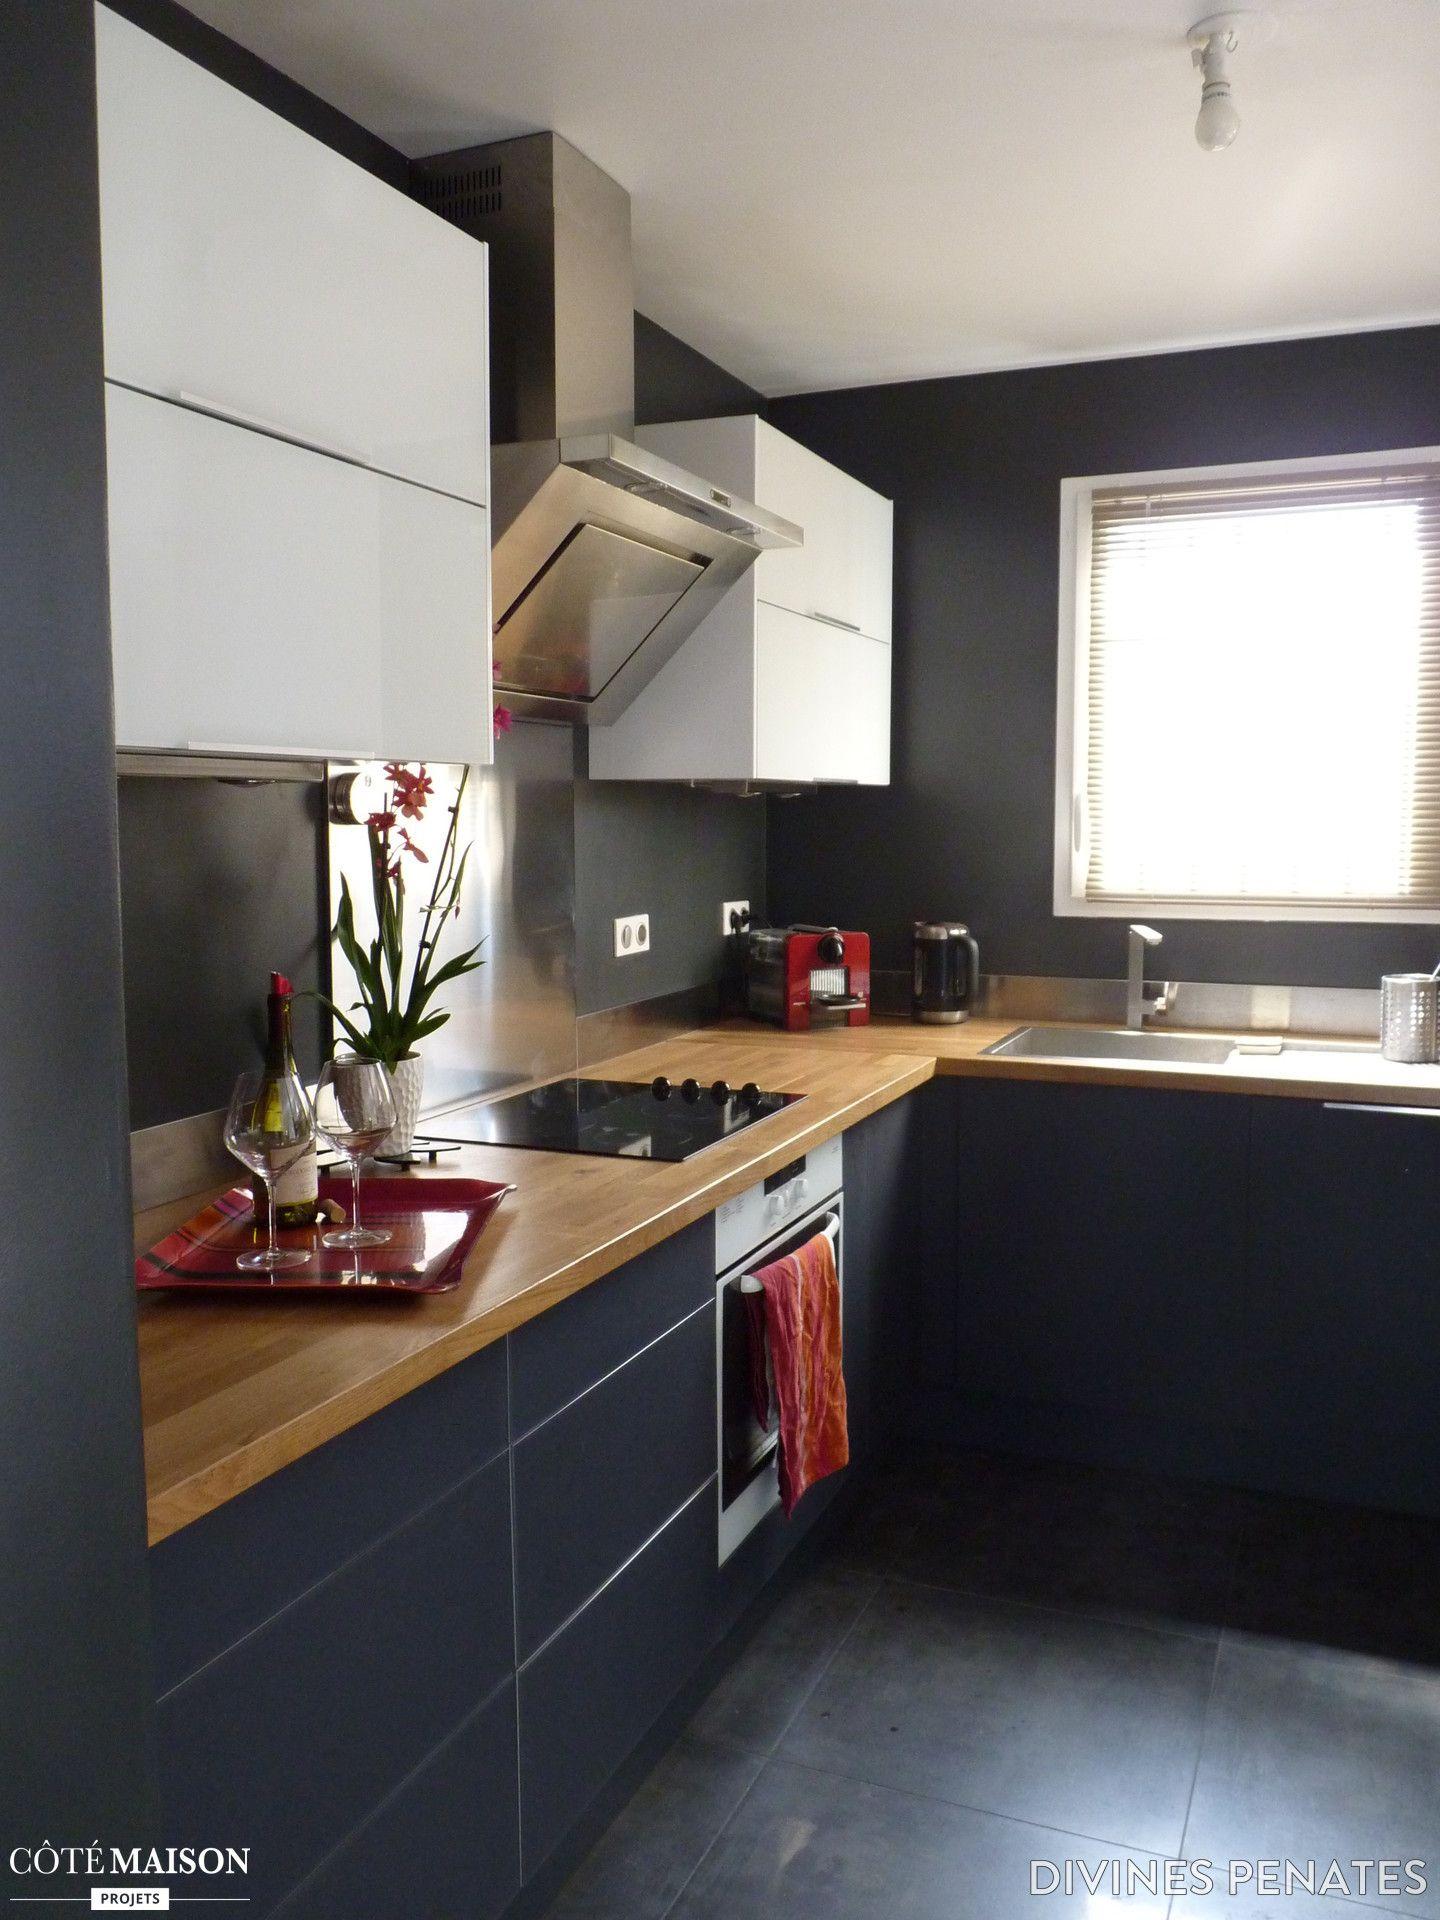 dans cette petite cuisine le bois et la couleur sombre du mobilier participent au chic de la. Black Bedroom Furniture Sets. Home Design Ideas